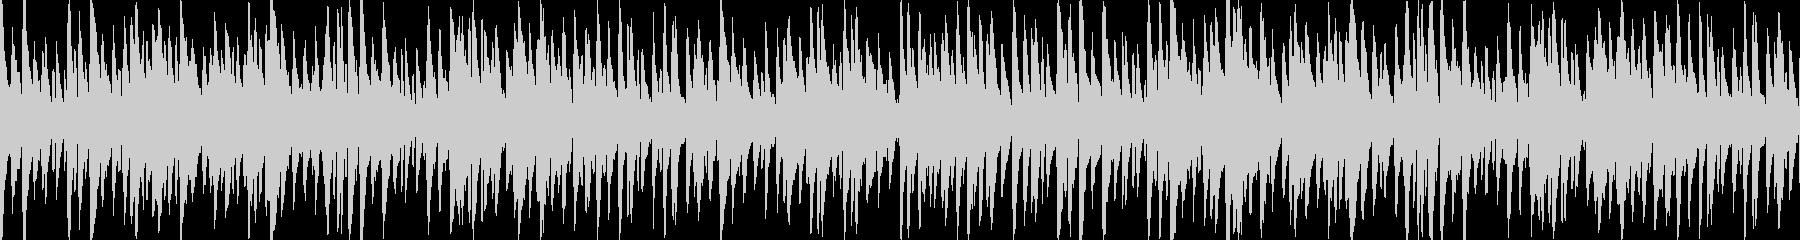 お洒落でキャッチーなジャズピアノトリオ3の未再生の波形